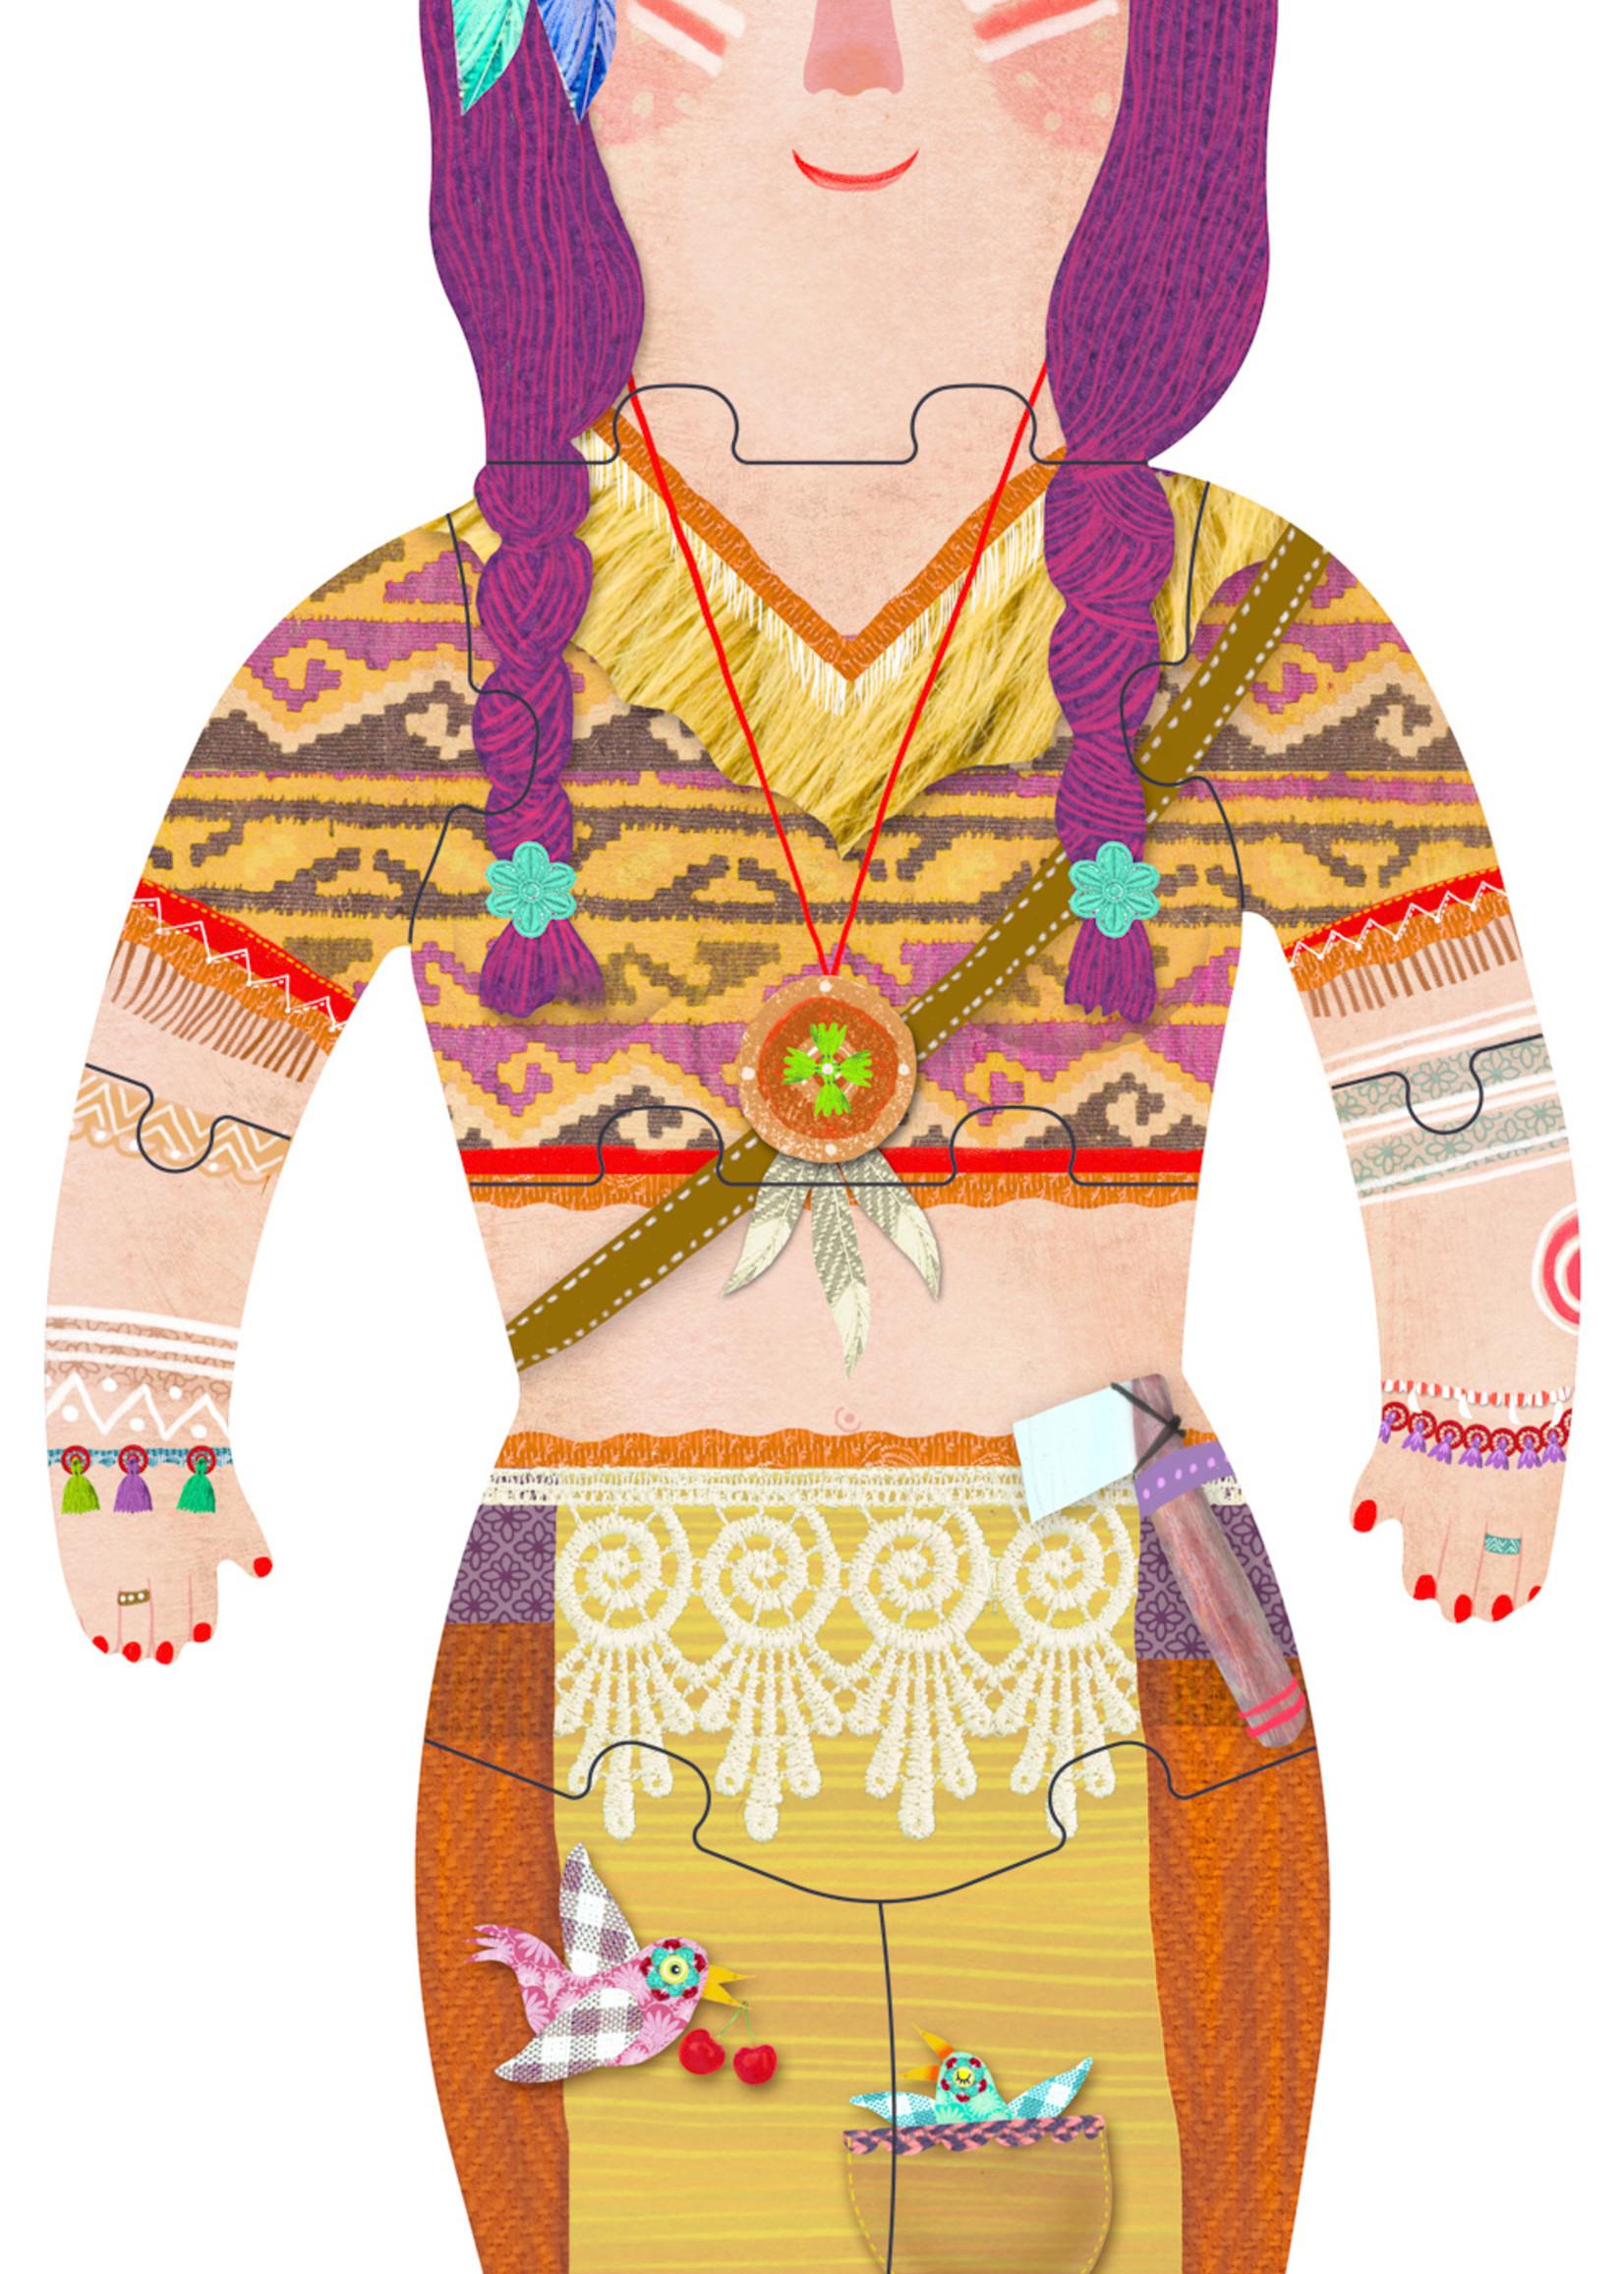 Londji Puzzel - My Indian